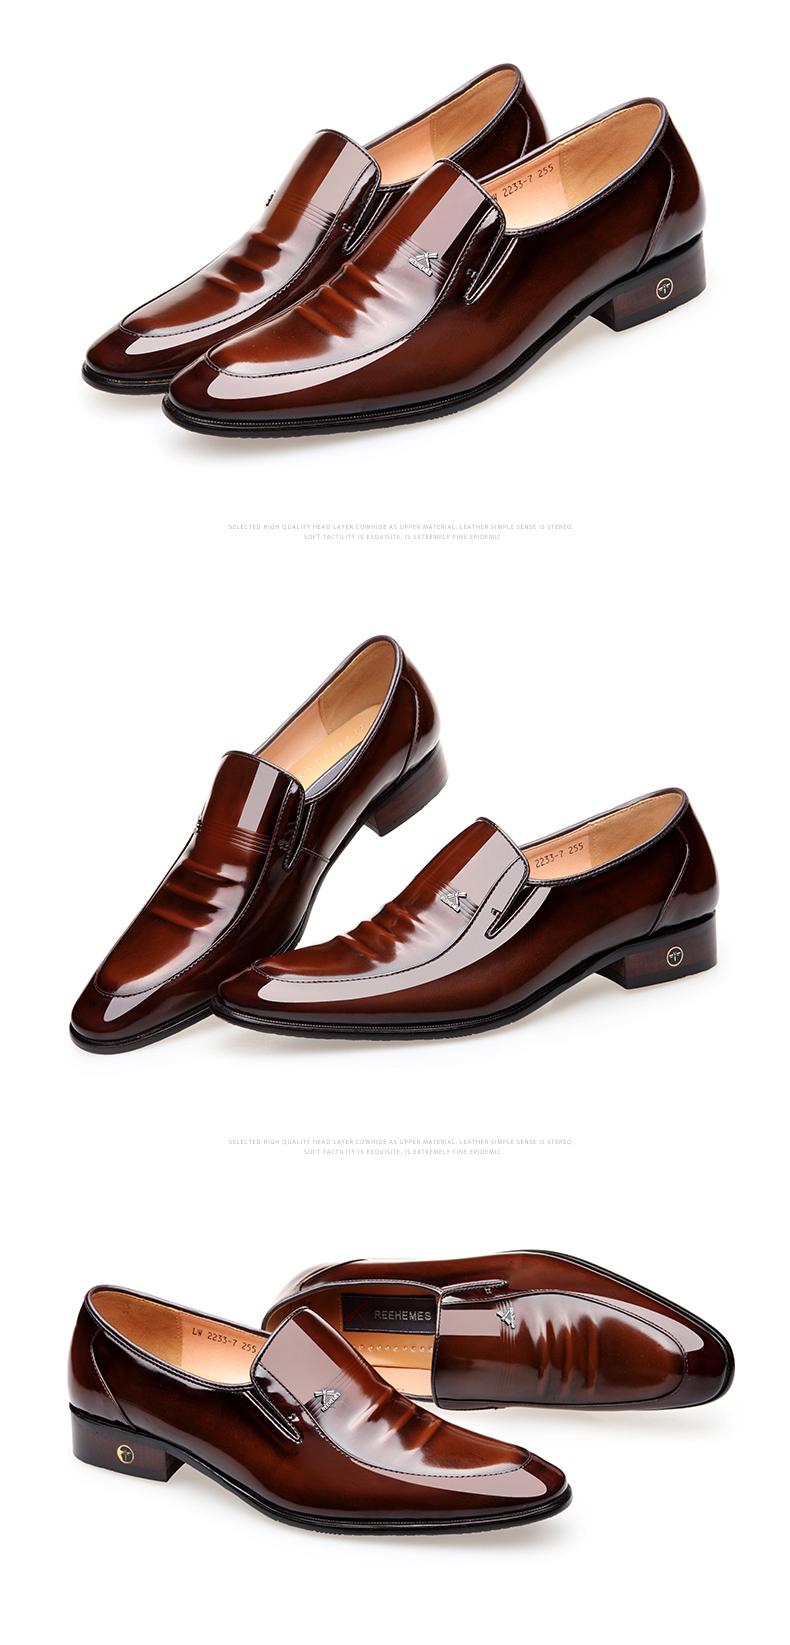 Giày Nam Da Bò Kiểu Dáng Sang Trọng Và Đẳng Cấp ET2233 (5)